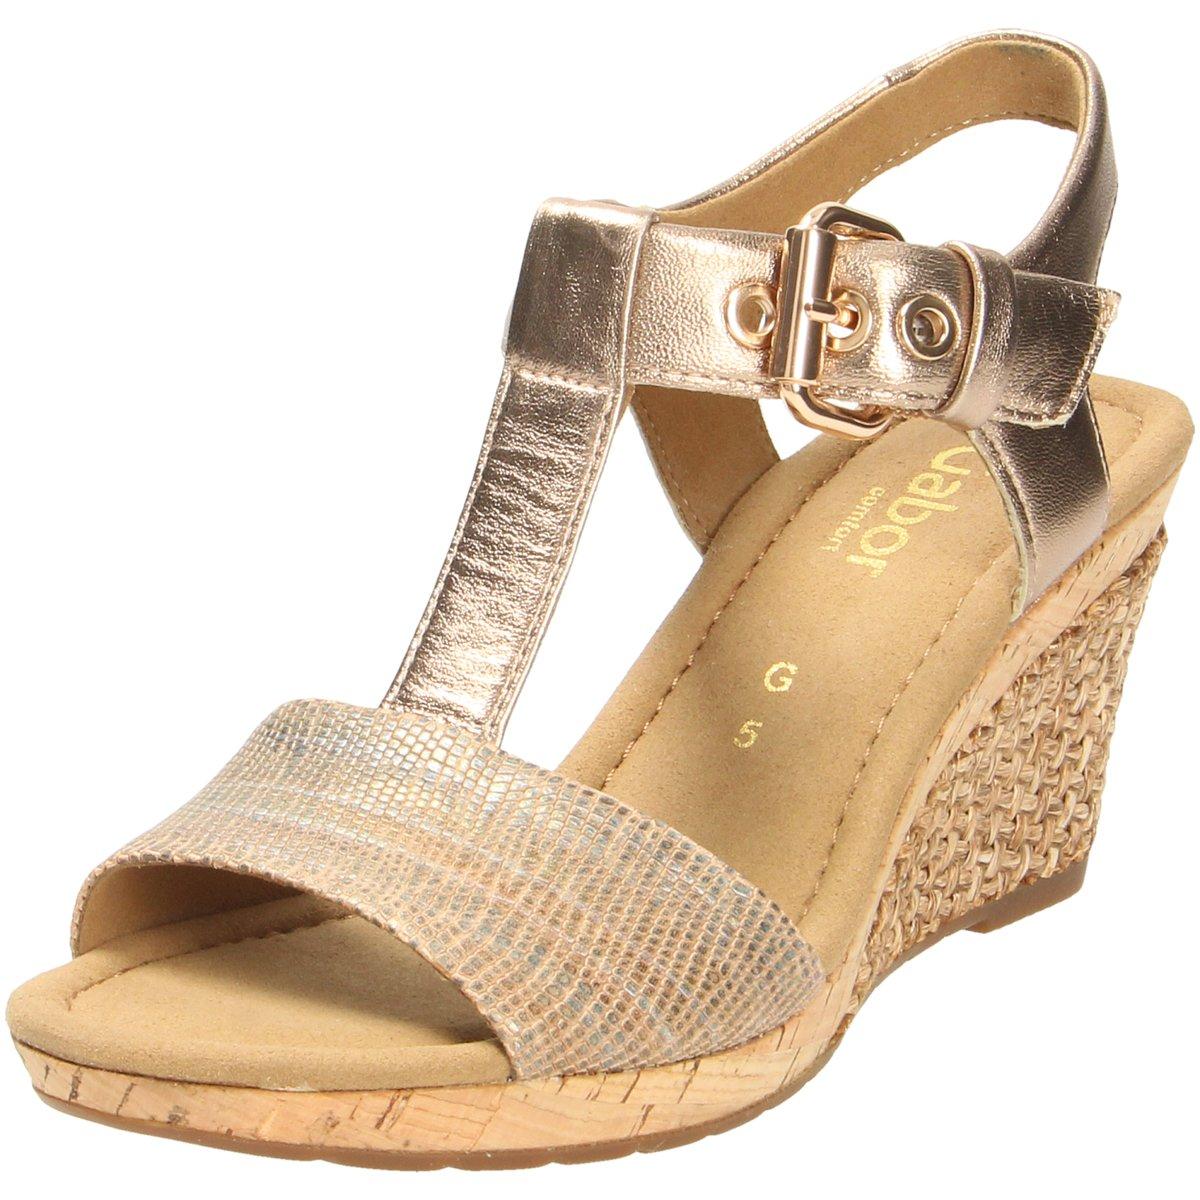 82 18 Beige Zu Details Gabor 438017 Sandaletten 824 Sandalette Damen 8OXknw0P